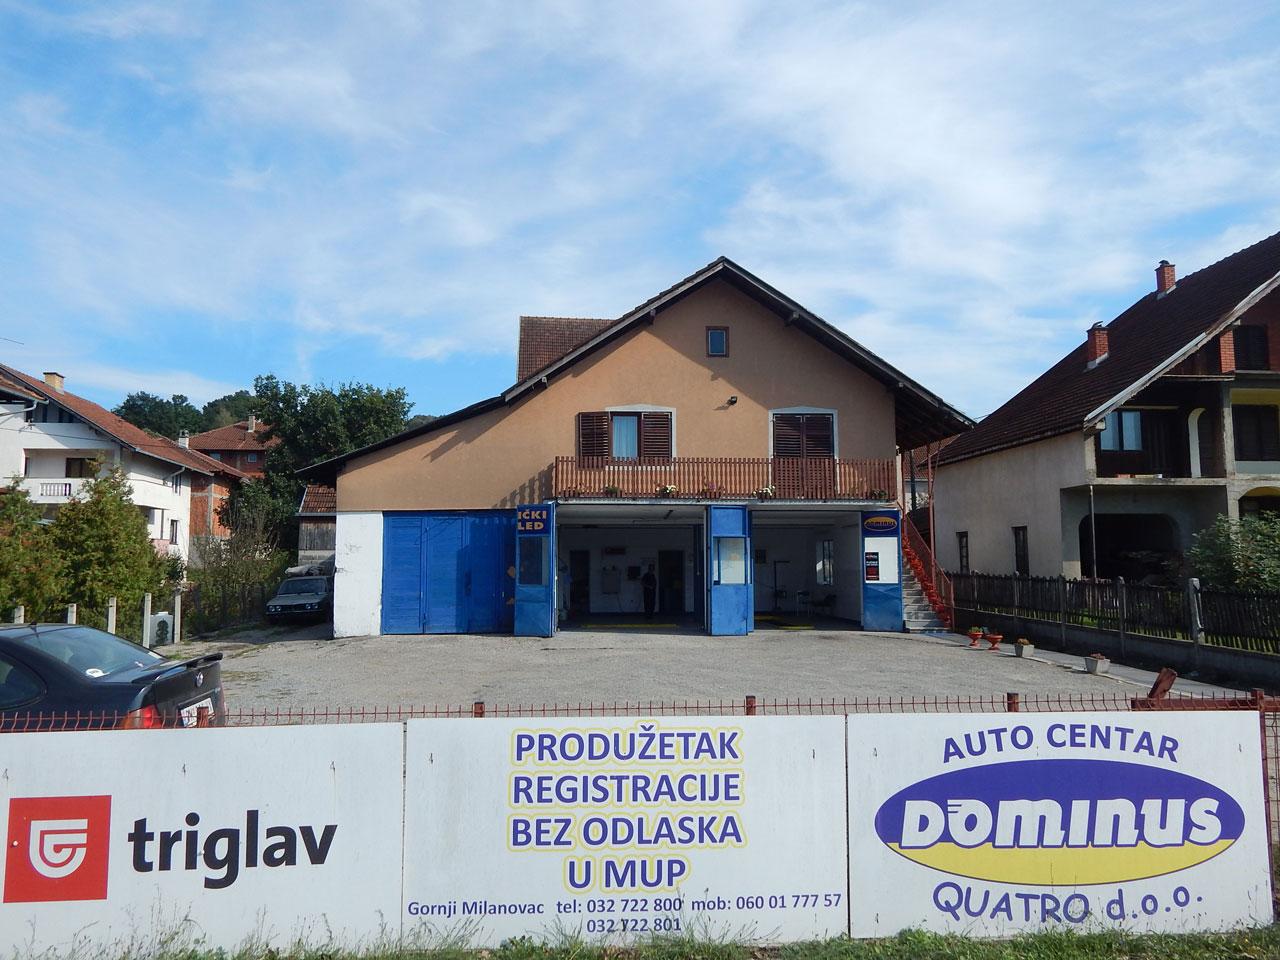 TEHNIČKI PREGLED DOMINUS Registracija vozila, tehnički pregled Gornji Milanovac